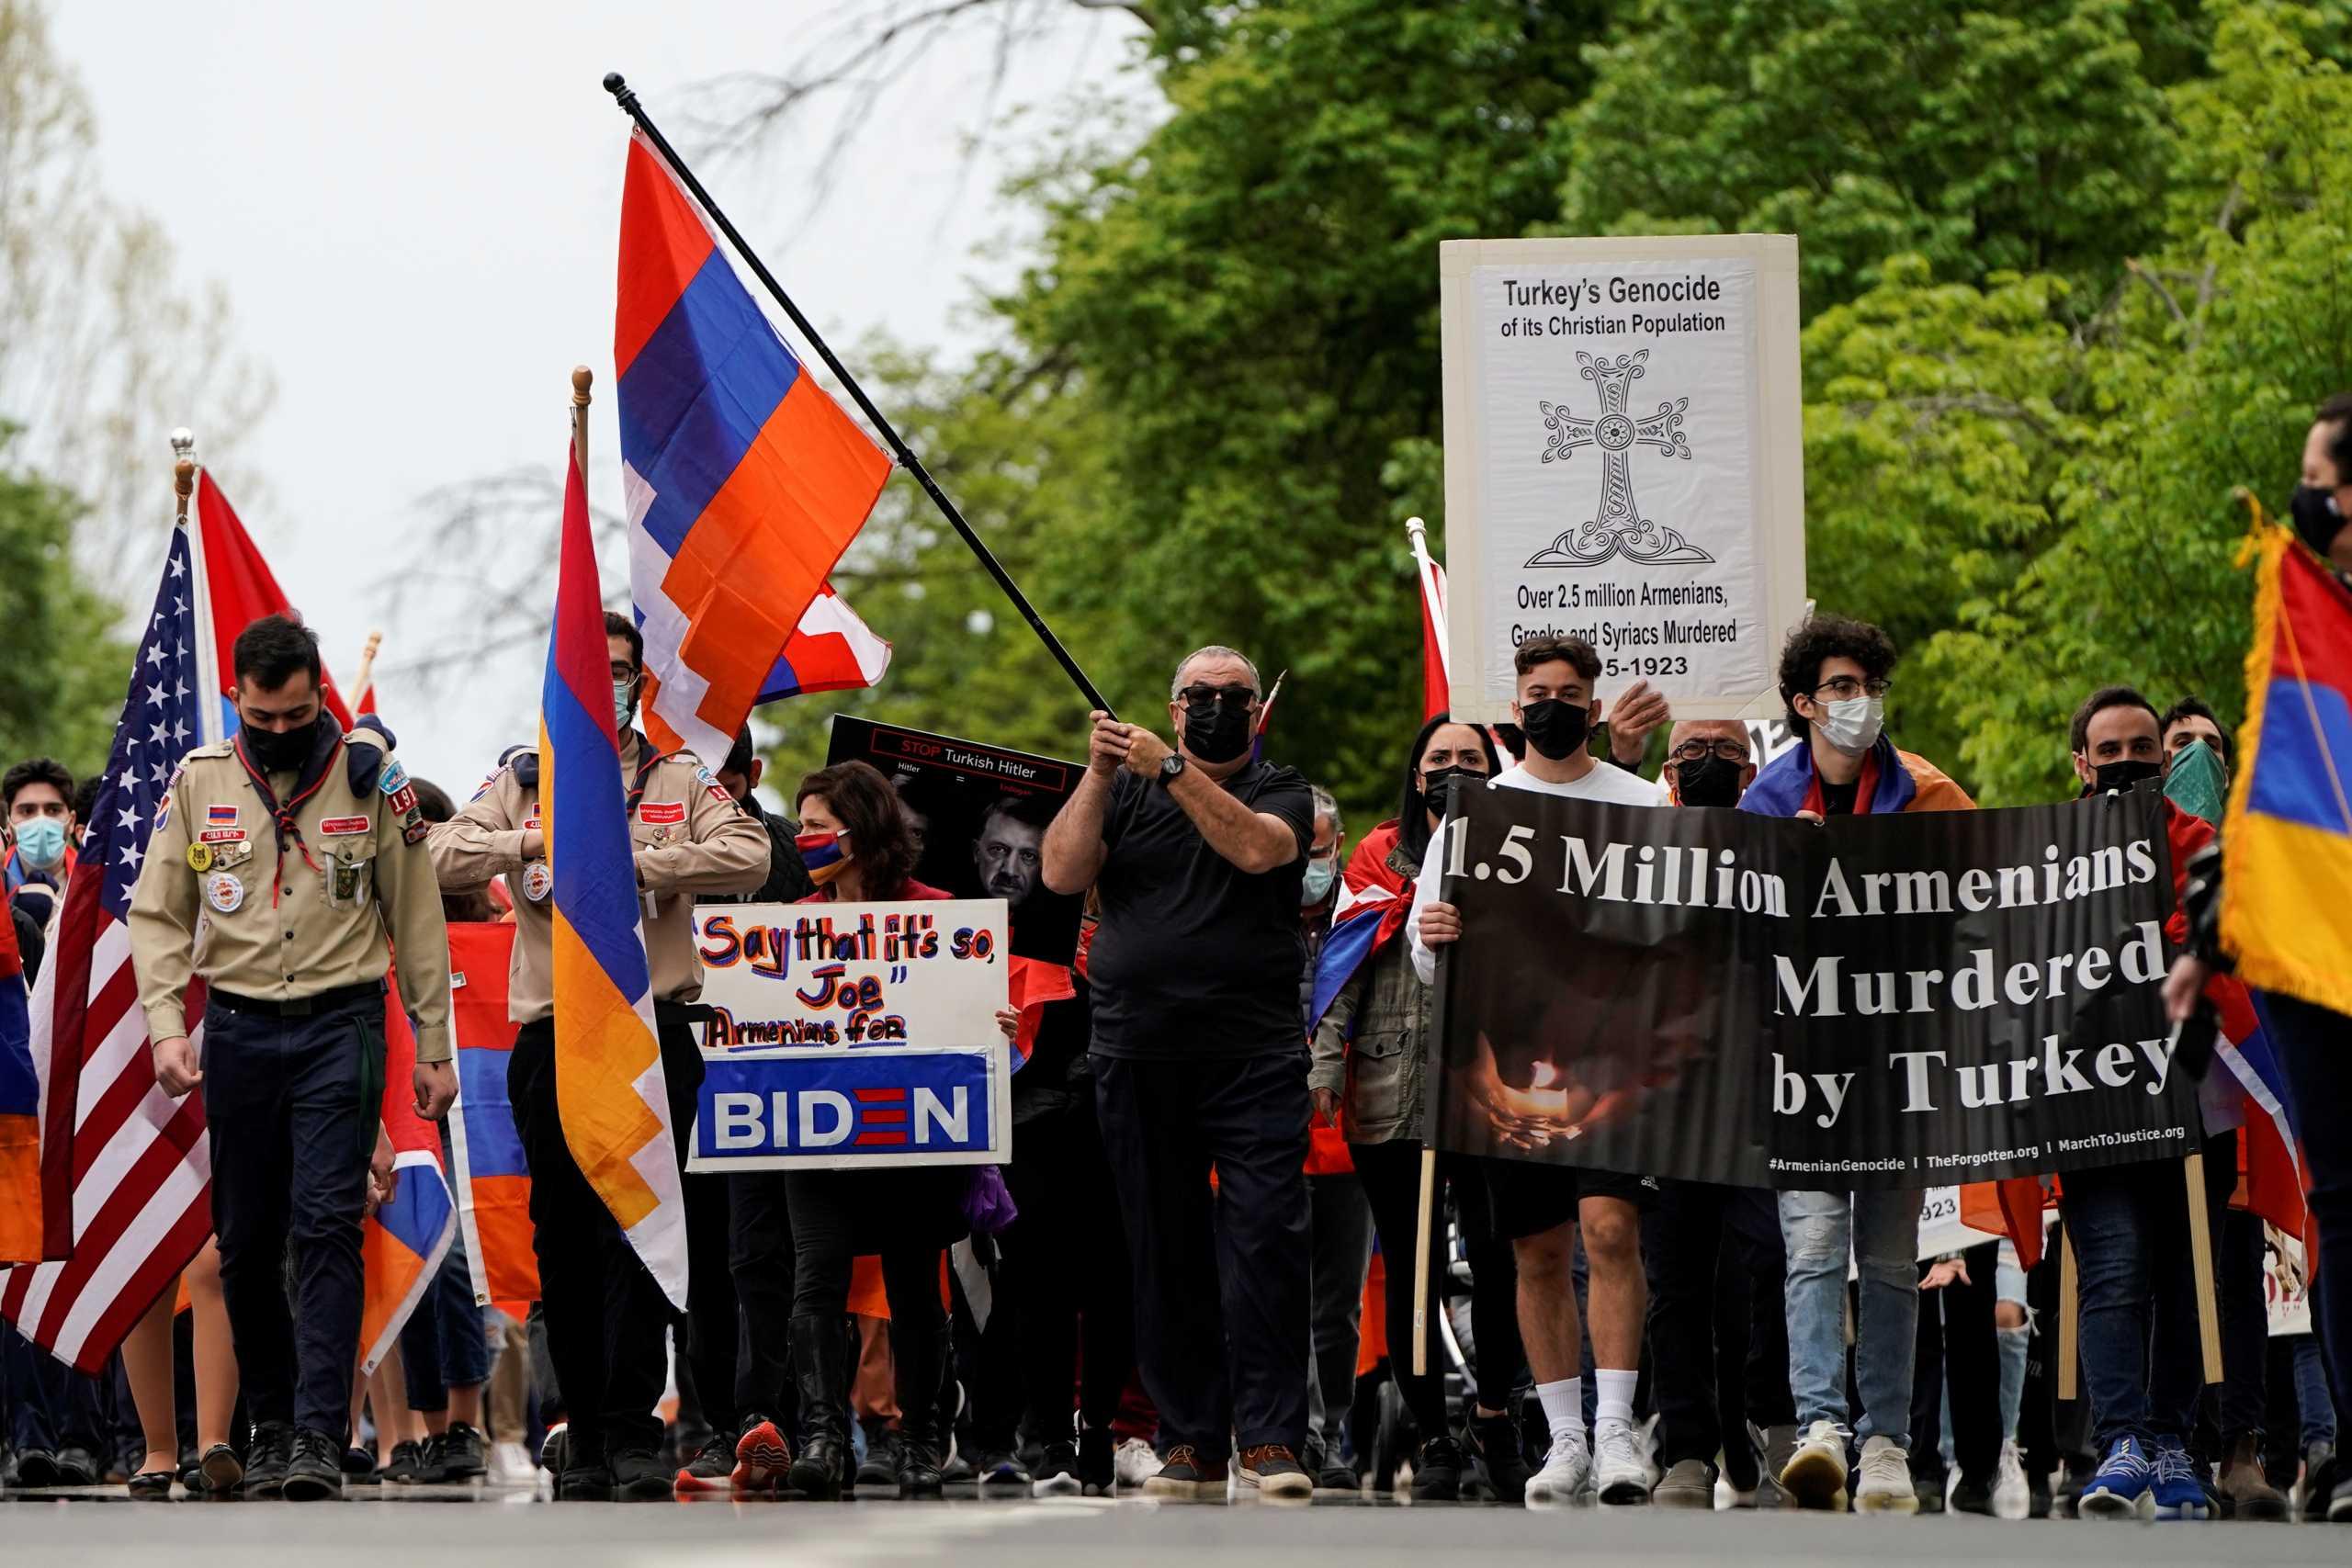 Γενοκτονία Αρμενίων: Μονοπωλεί τα γερμανικά ΜΜΕ η απόφαση Μπάιντεν – «Επιλέγει άλλο δρόμο»